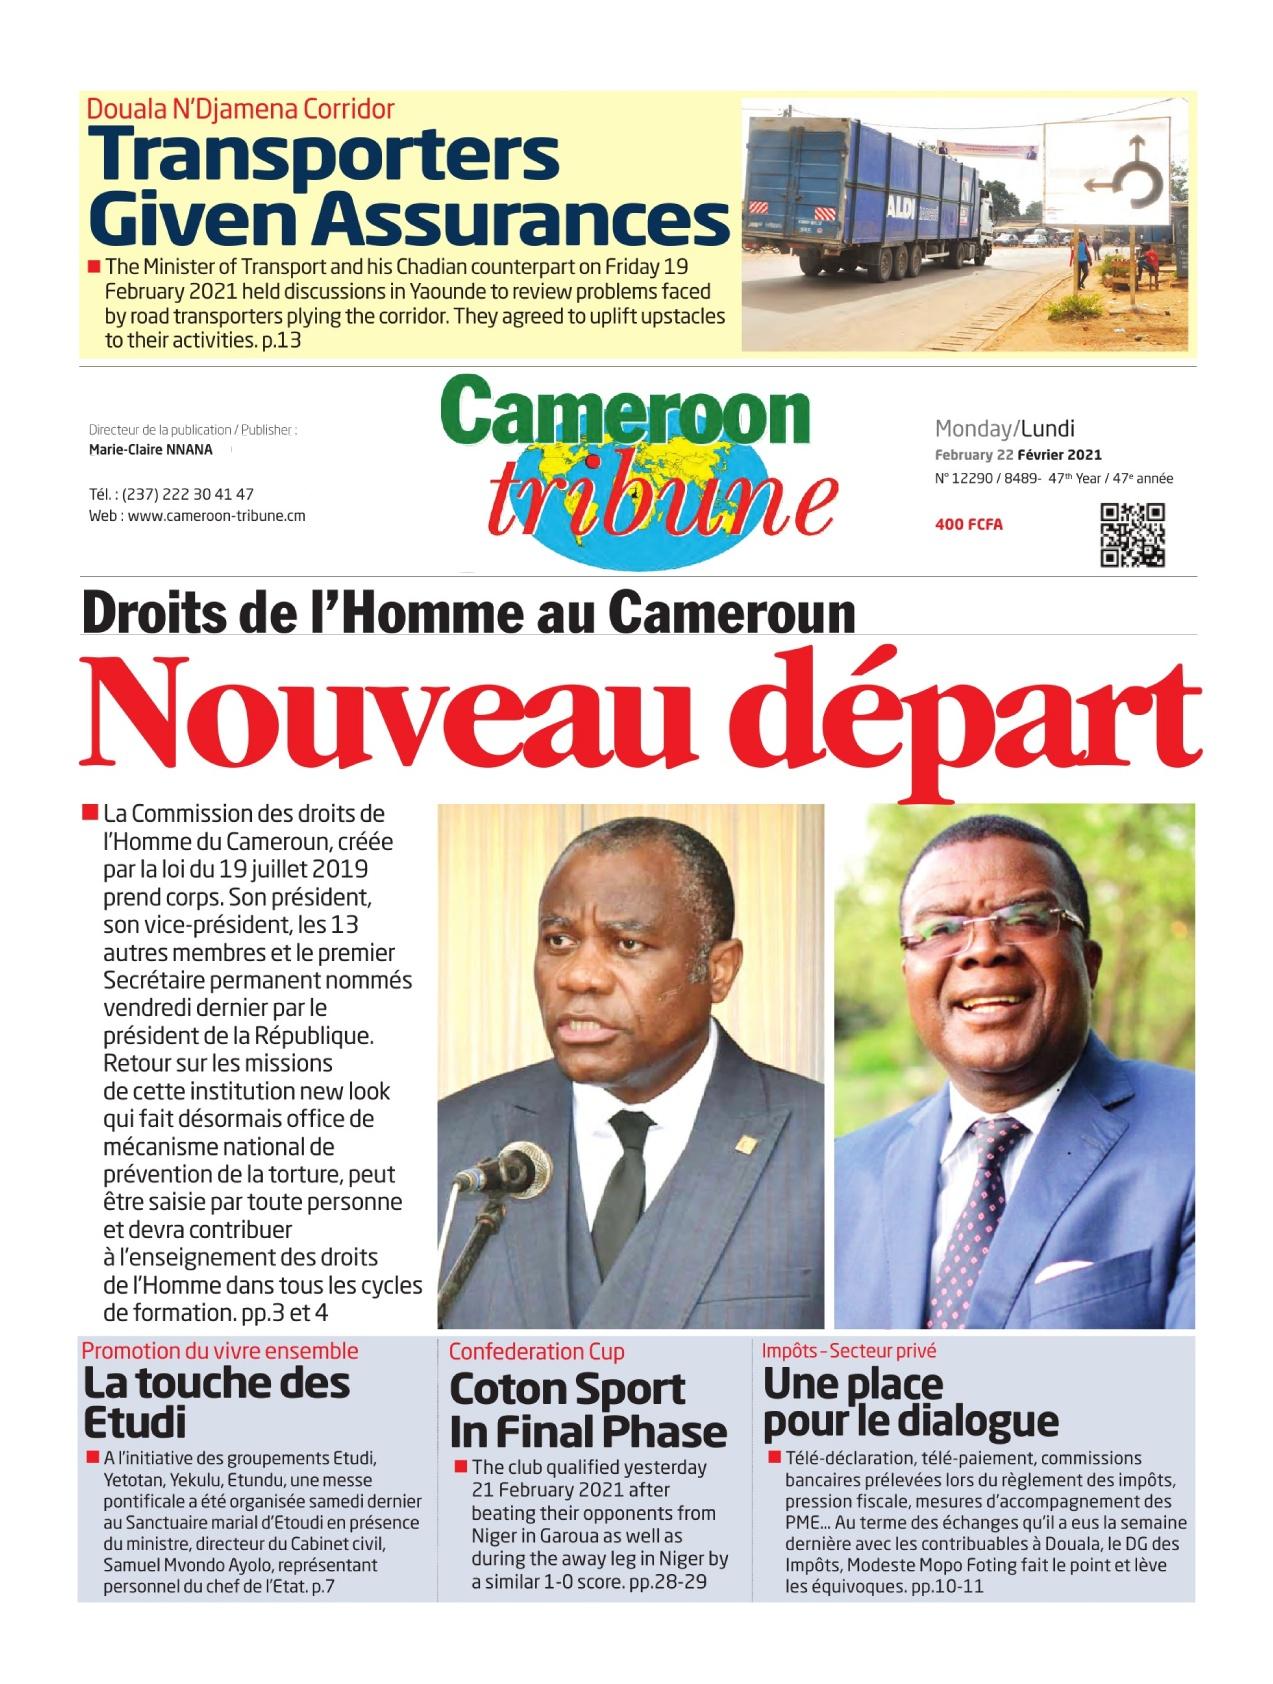 Cameroon Tribune - 22/02/2021